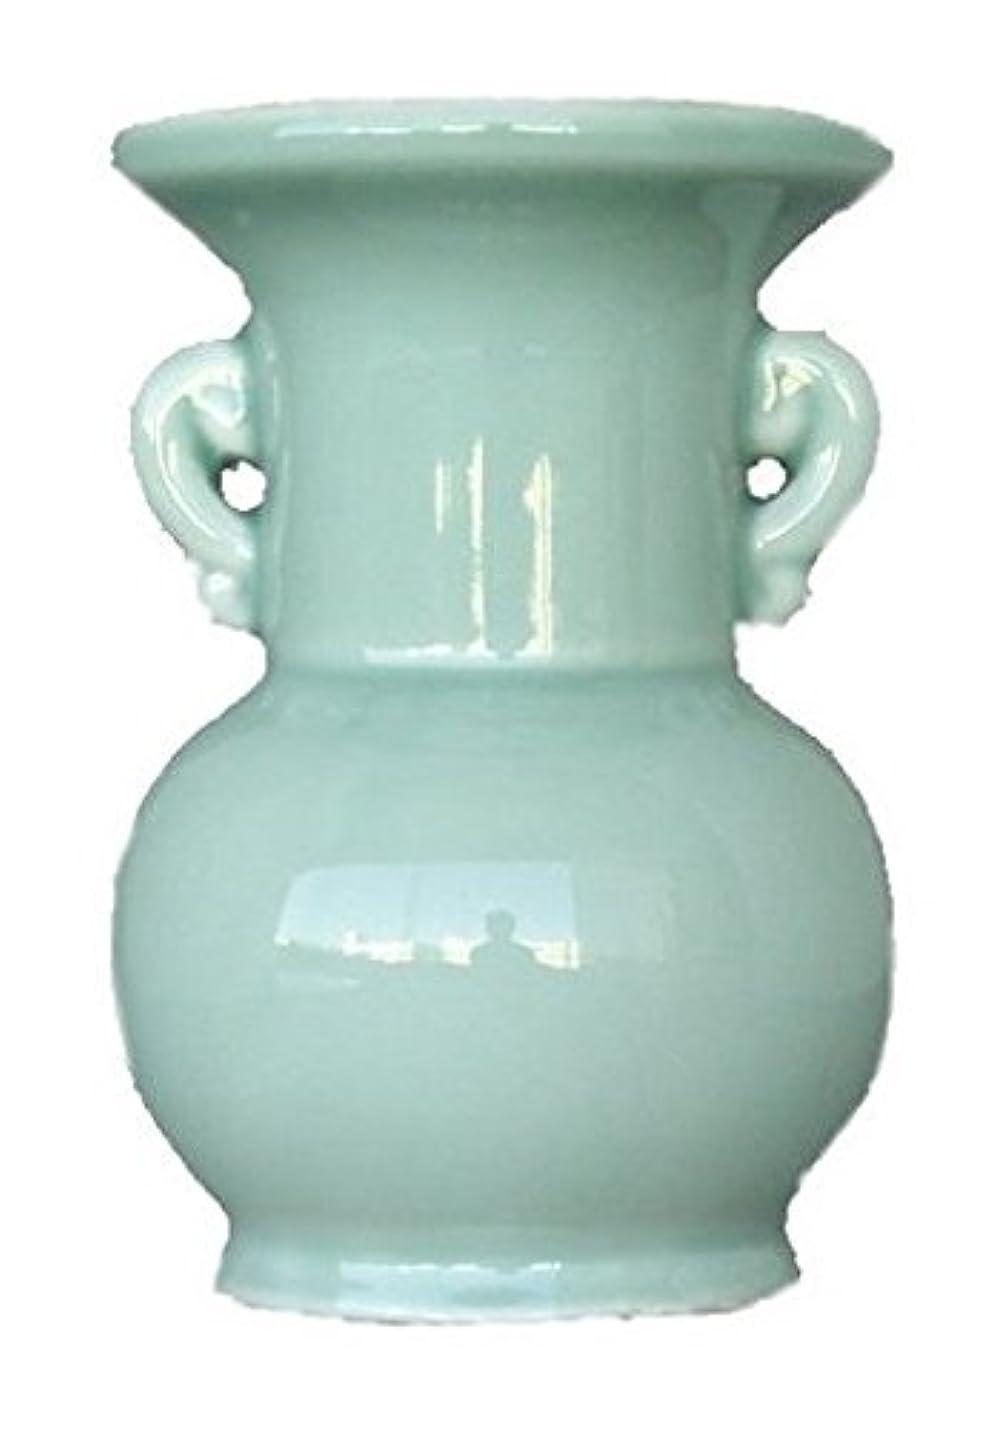 否定する費用ジャグリング仏具用 花瓶 青 大 4寸